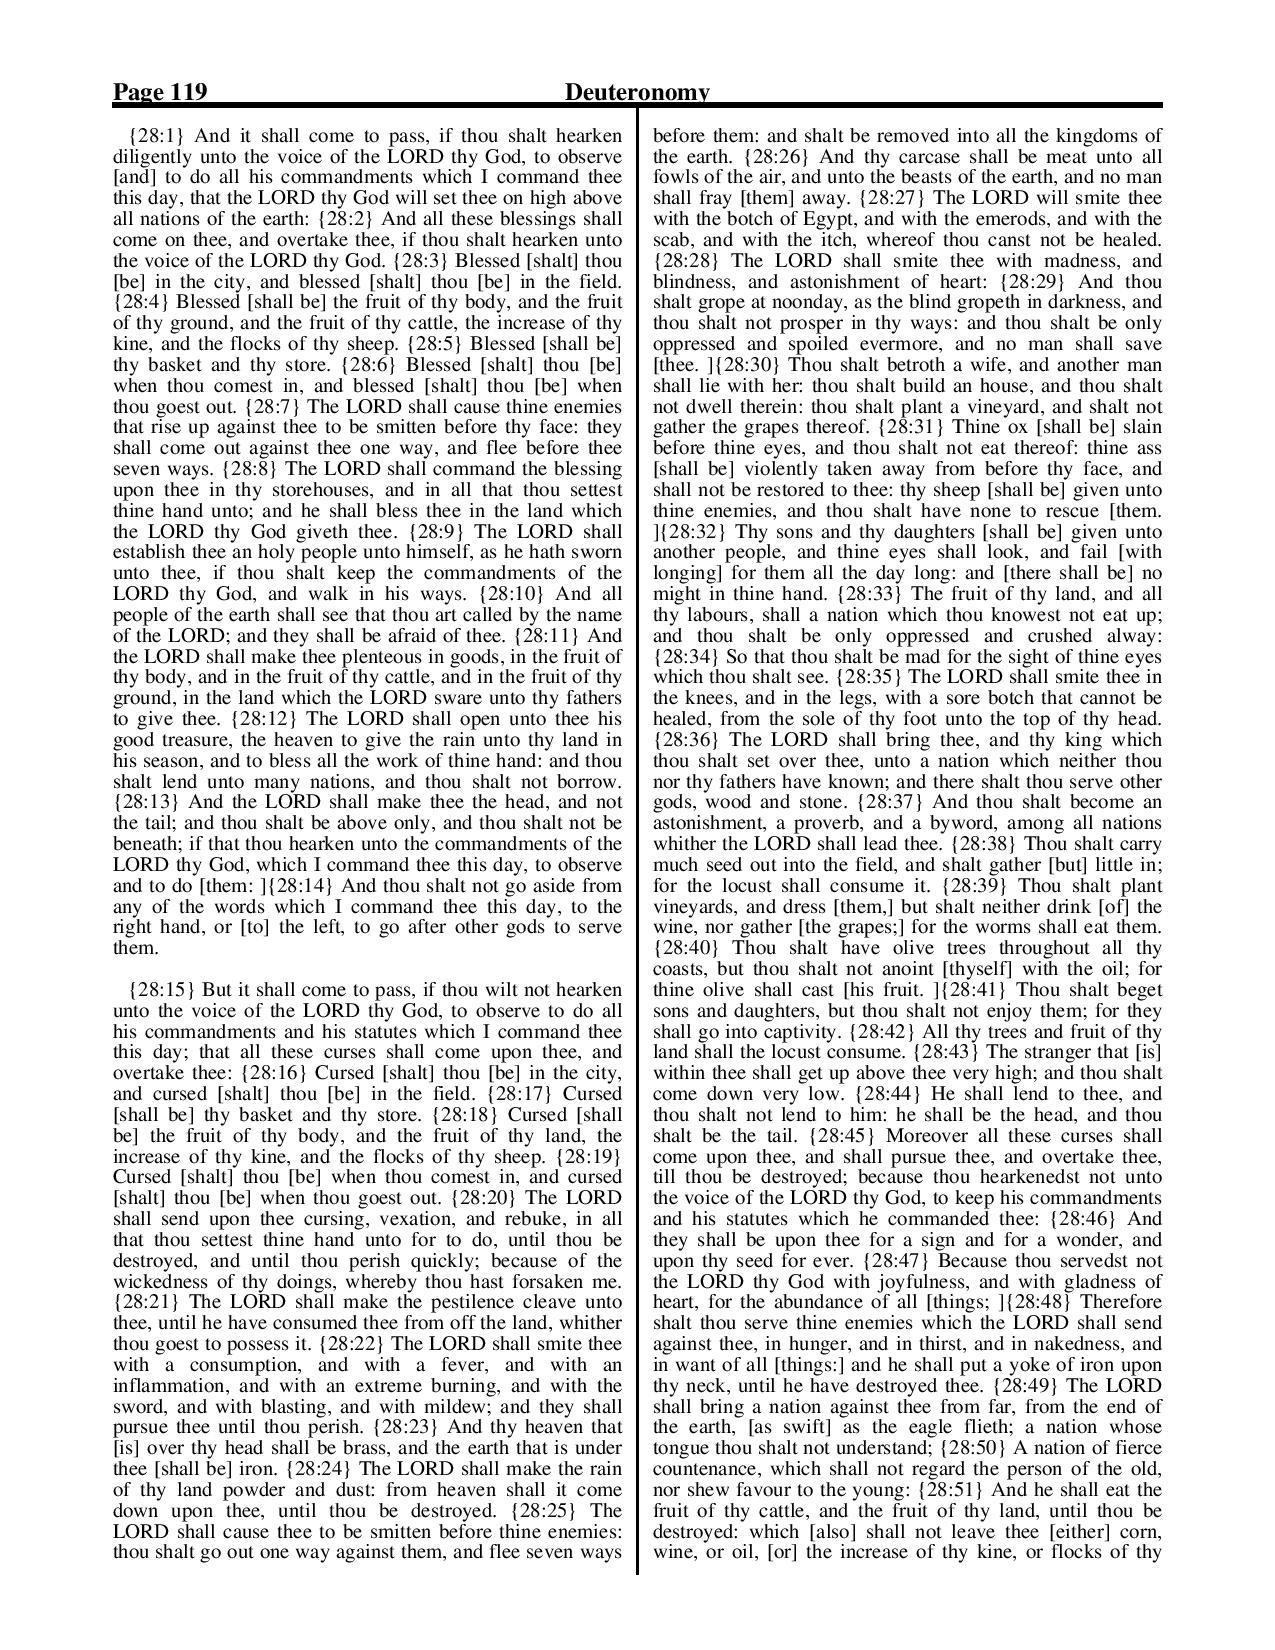 King-James-Bible-KJV-Bible-PDF-page-140